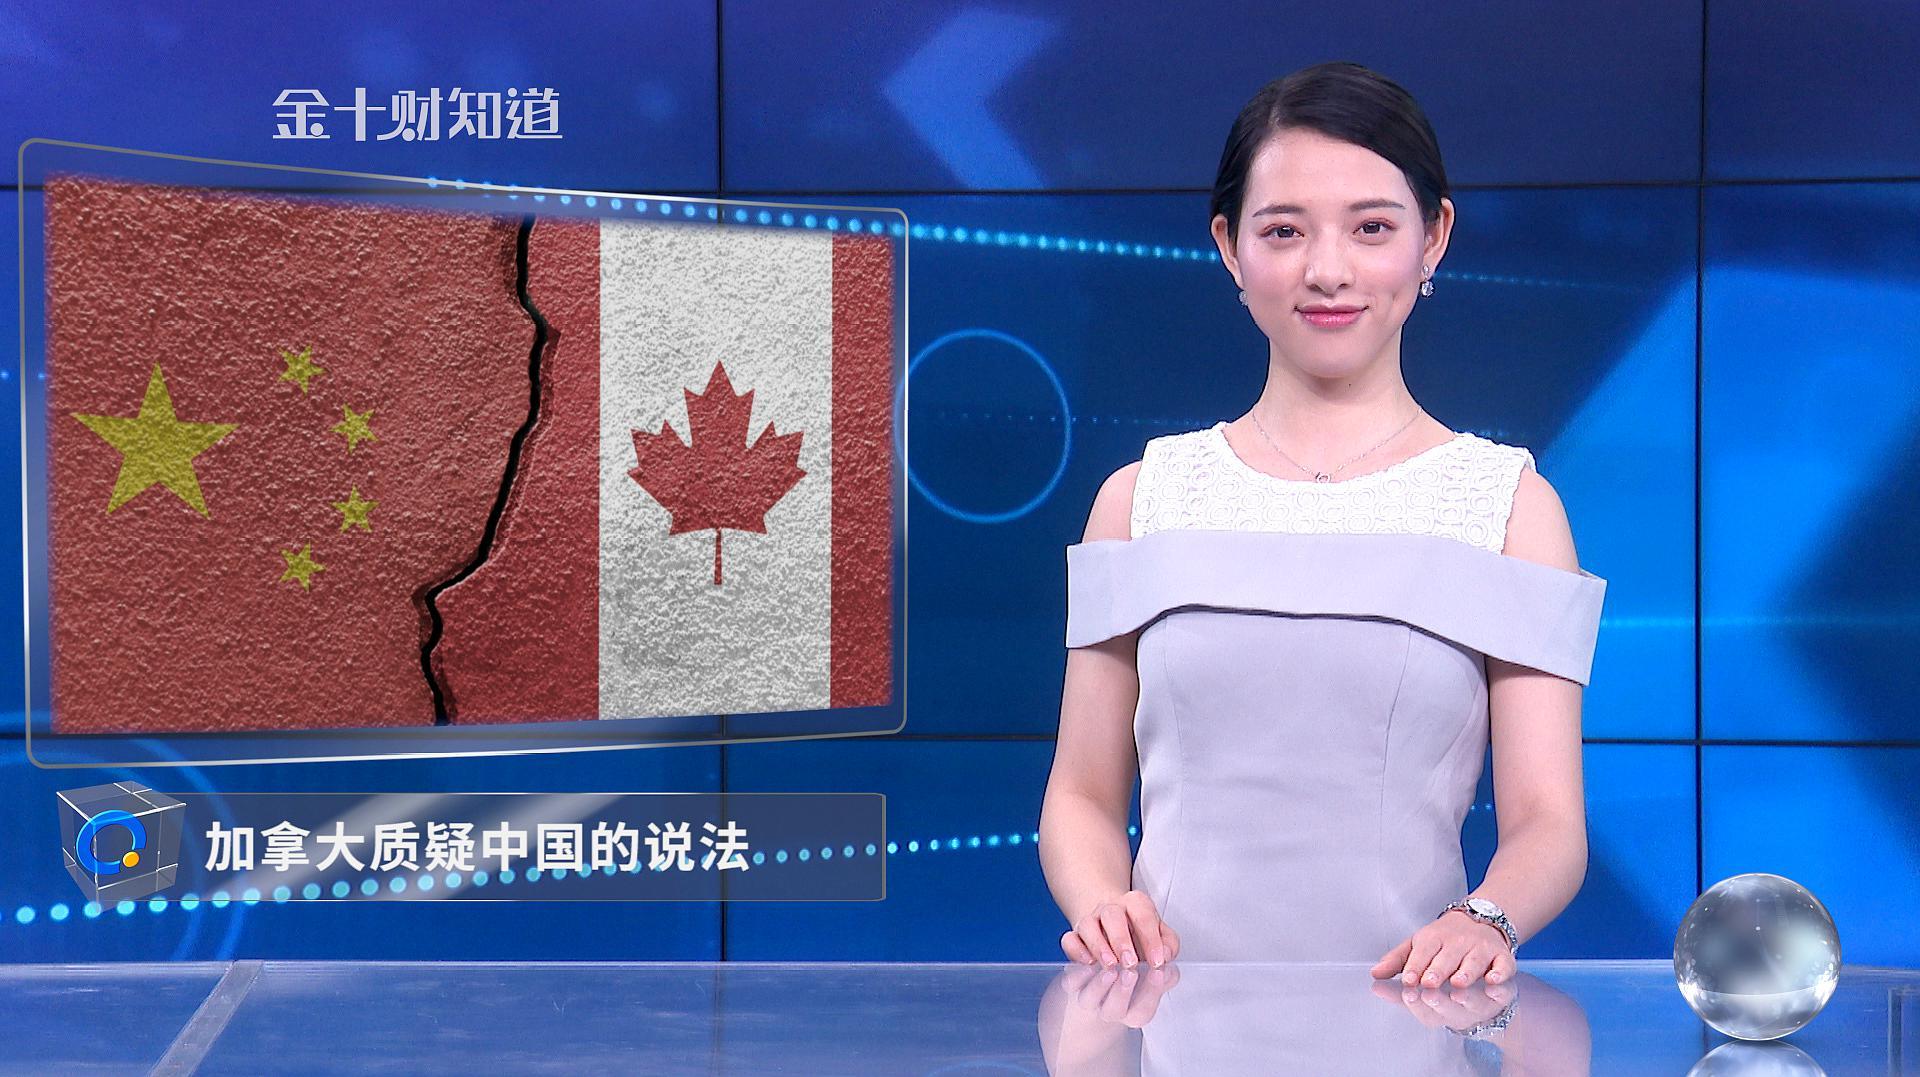 无济于事!加拿大不承认油菜籽质量低质,中国却不打算恢复进口?